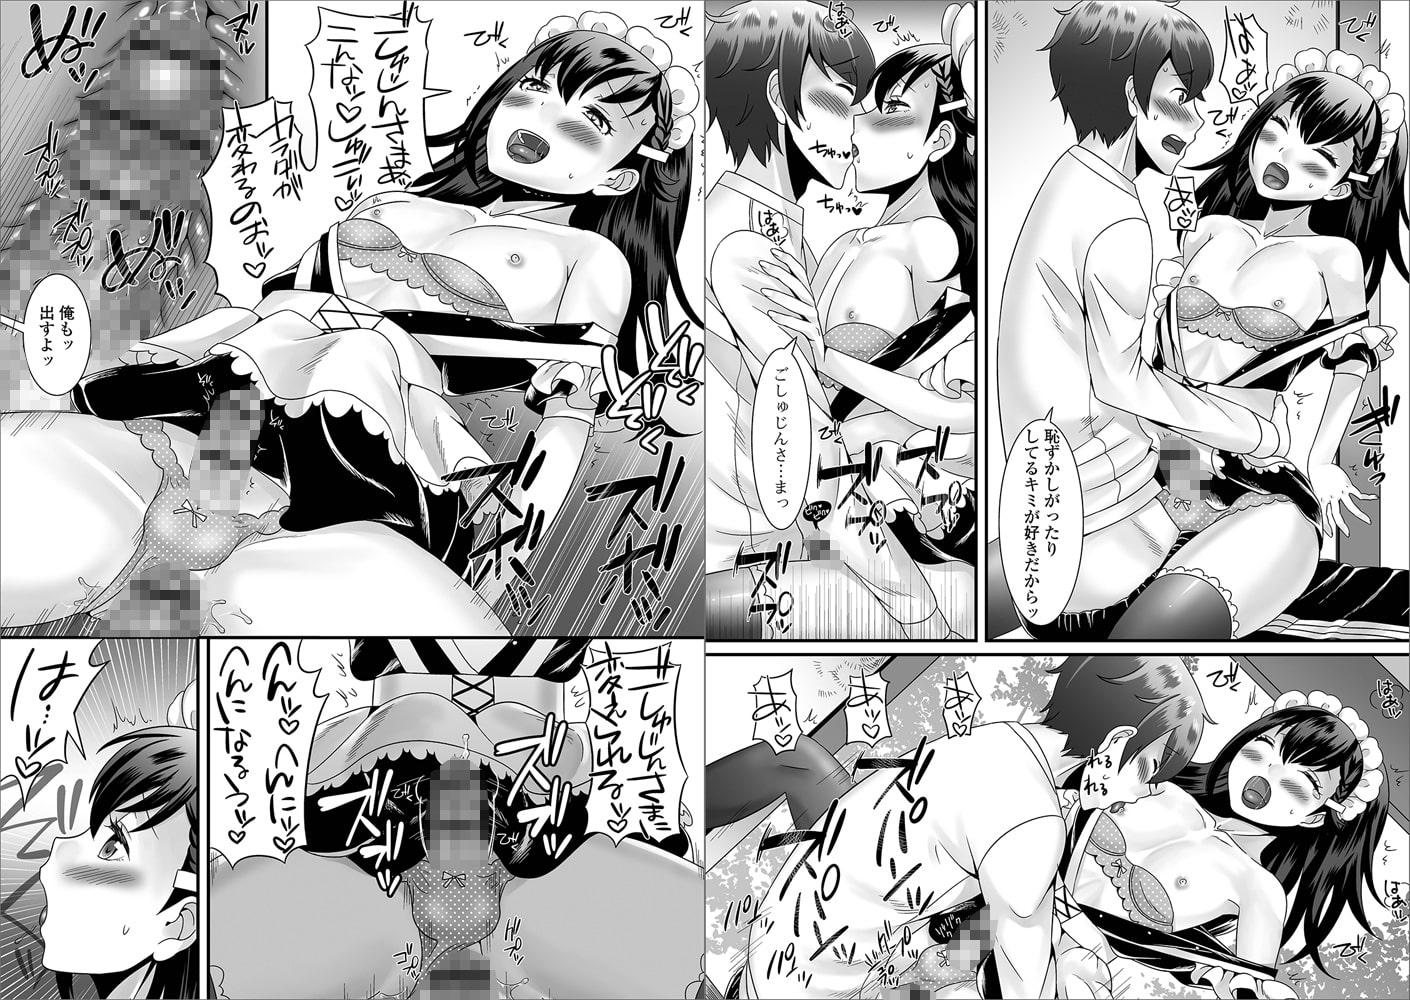 月刊Web男の娘・れくしょんッ! S Vol.38のサンプル1